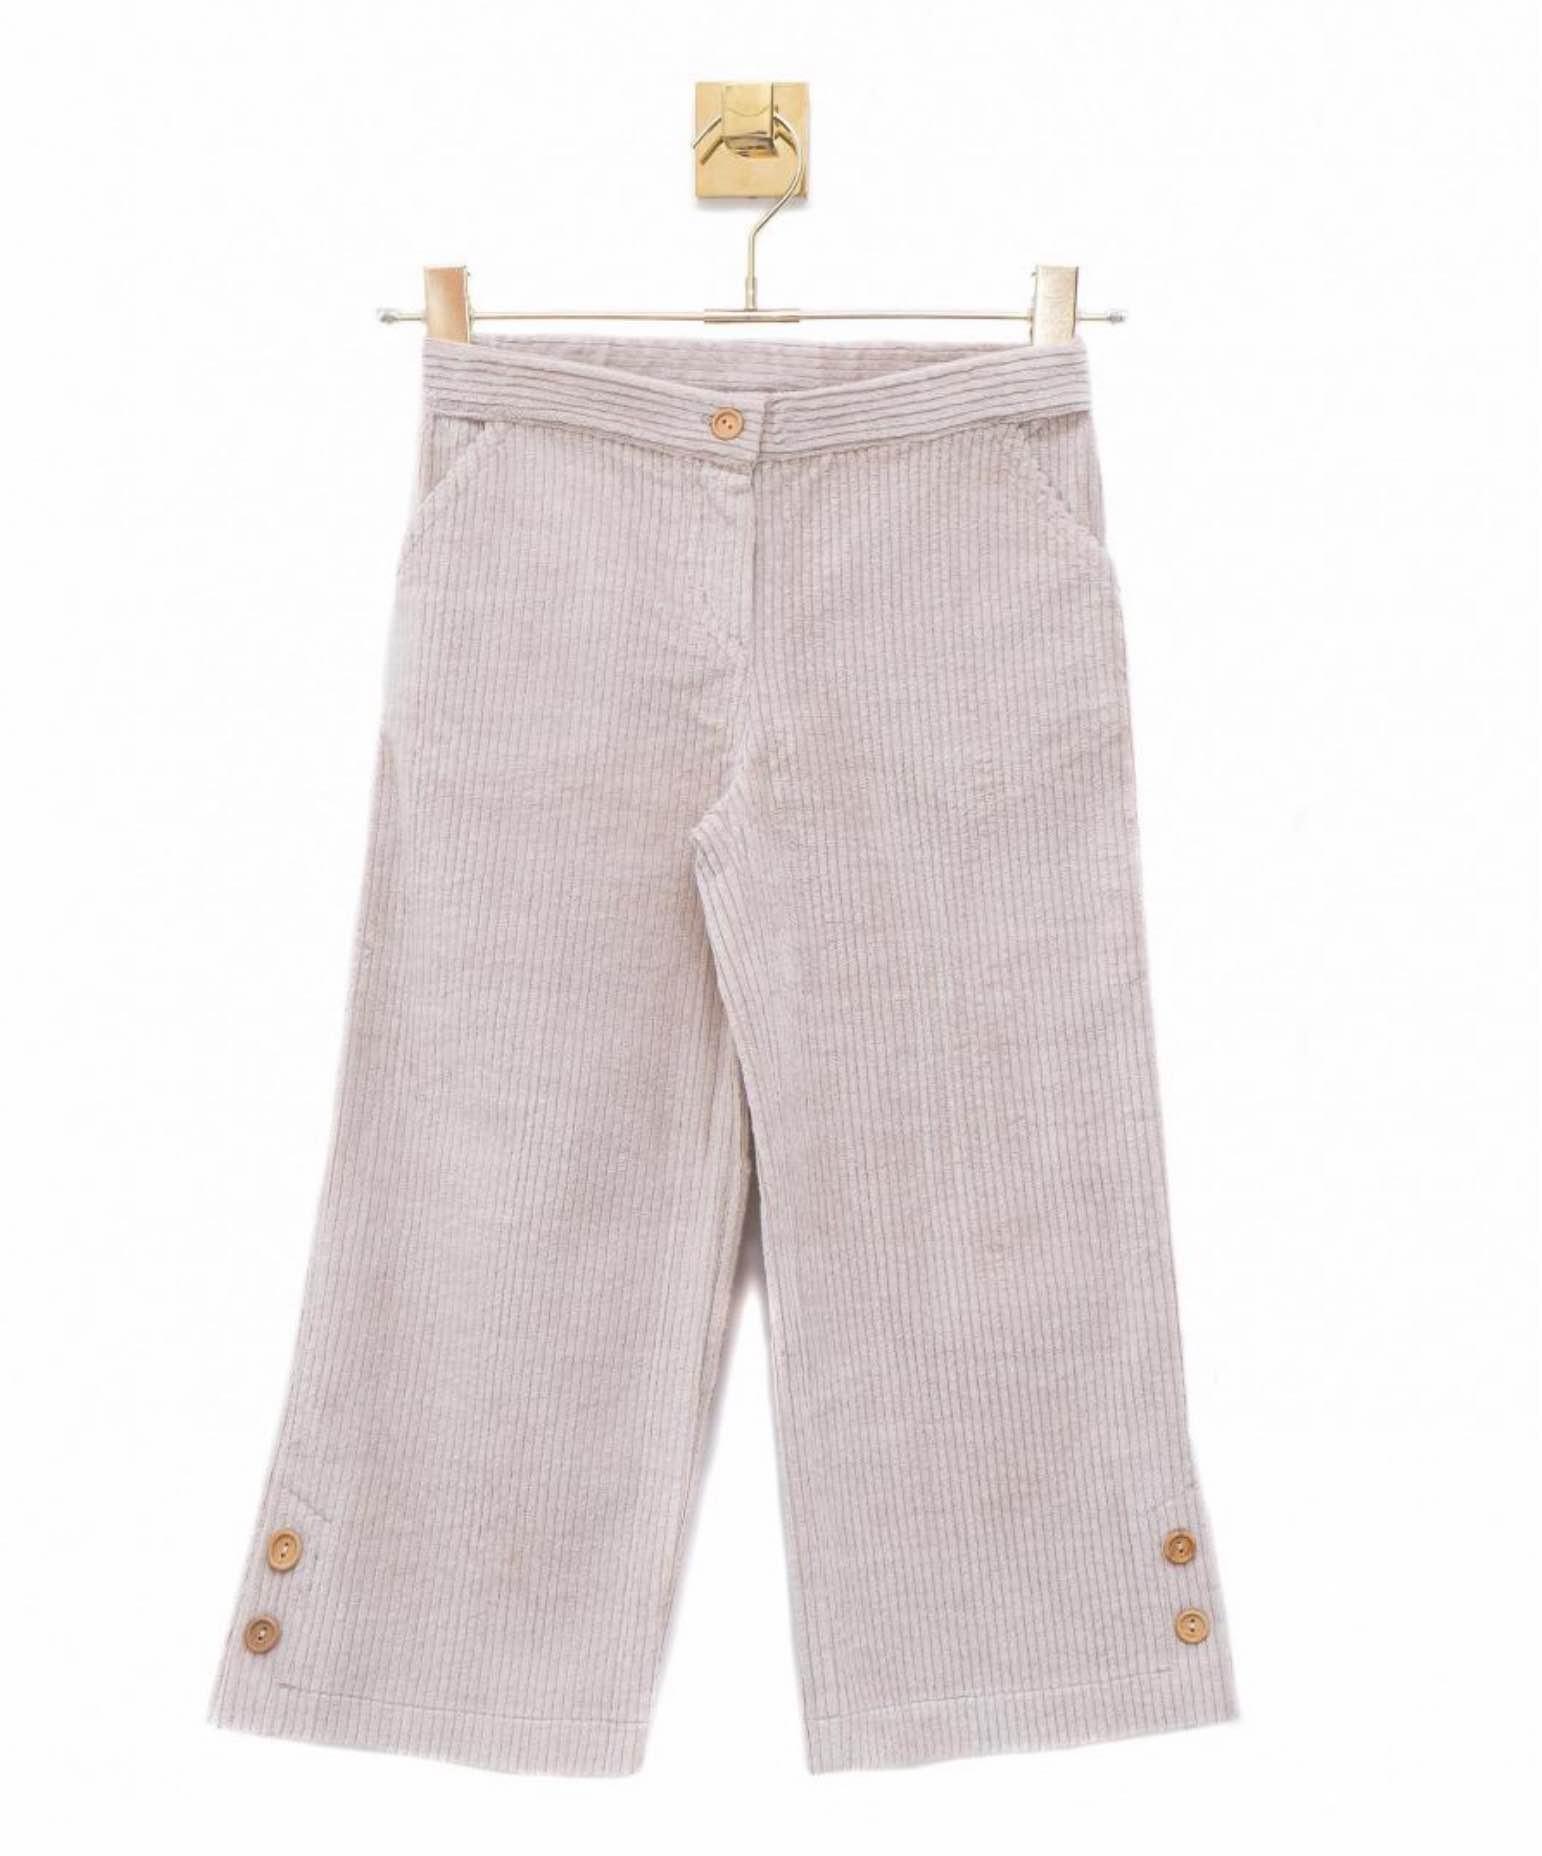 Pantalon Crop de pana de Lunares en Mayo